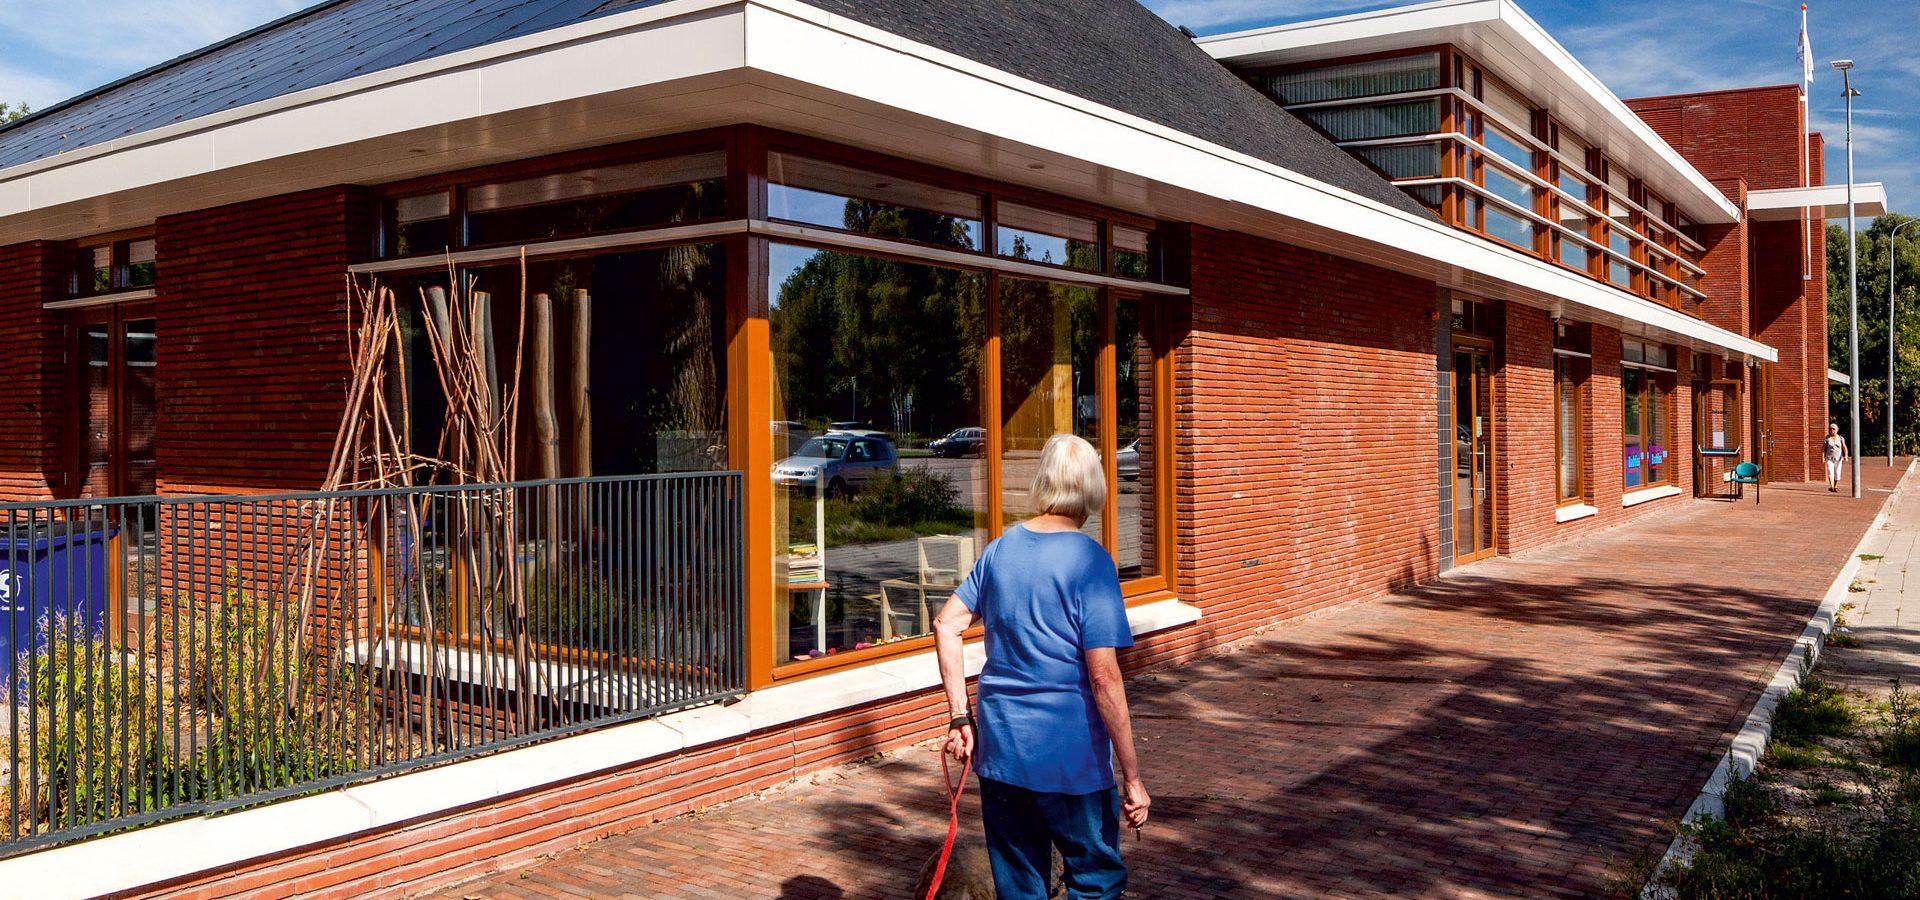 FARO architecten Dorpshuis Badhoevedorp 01